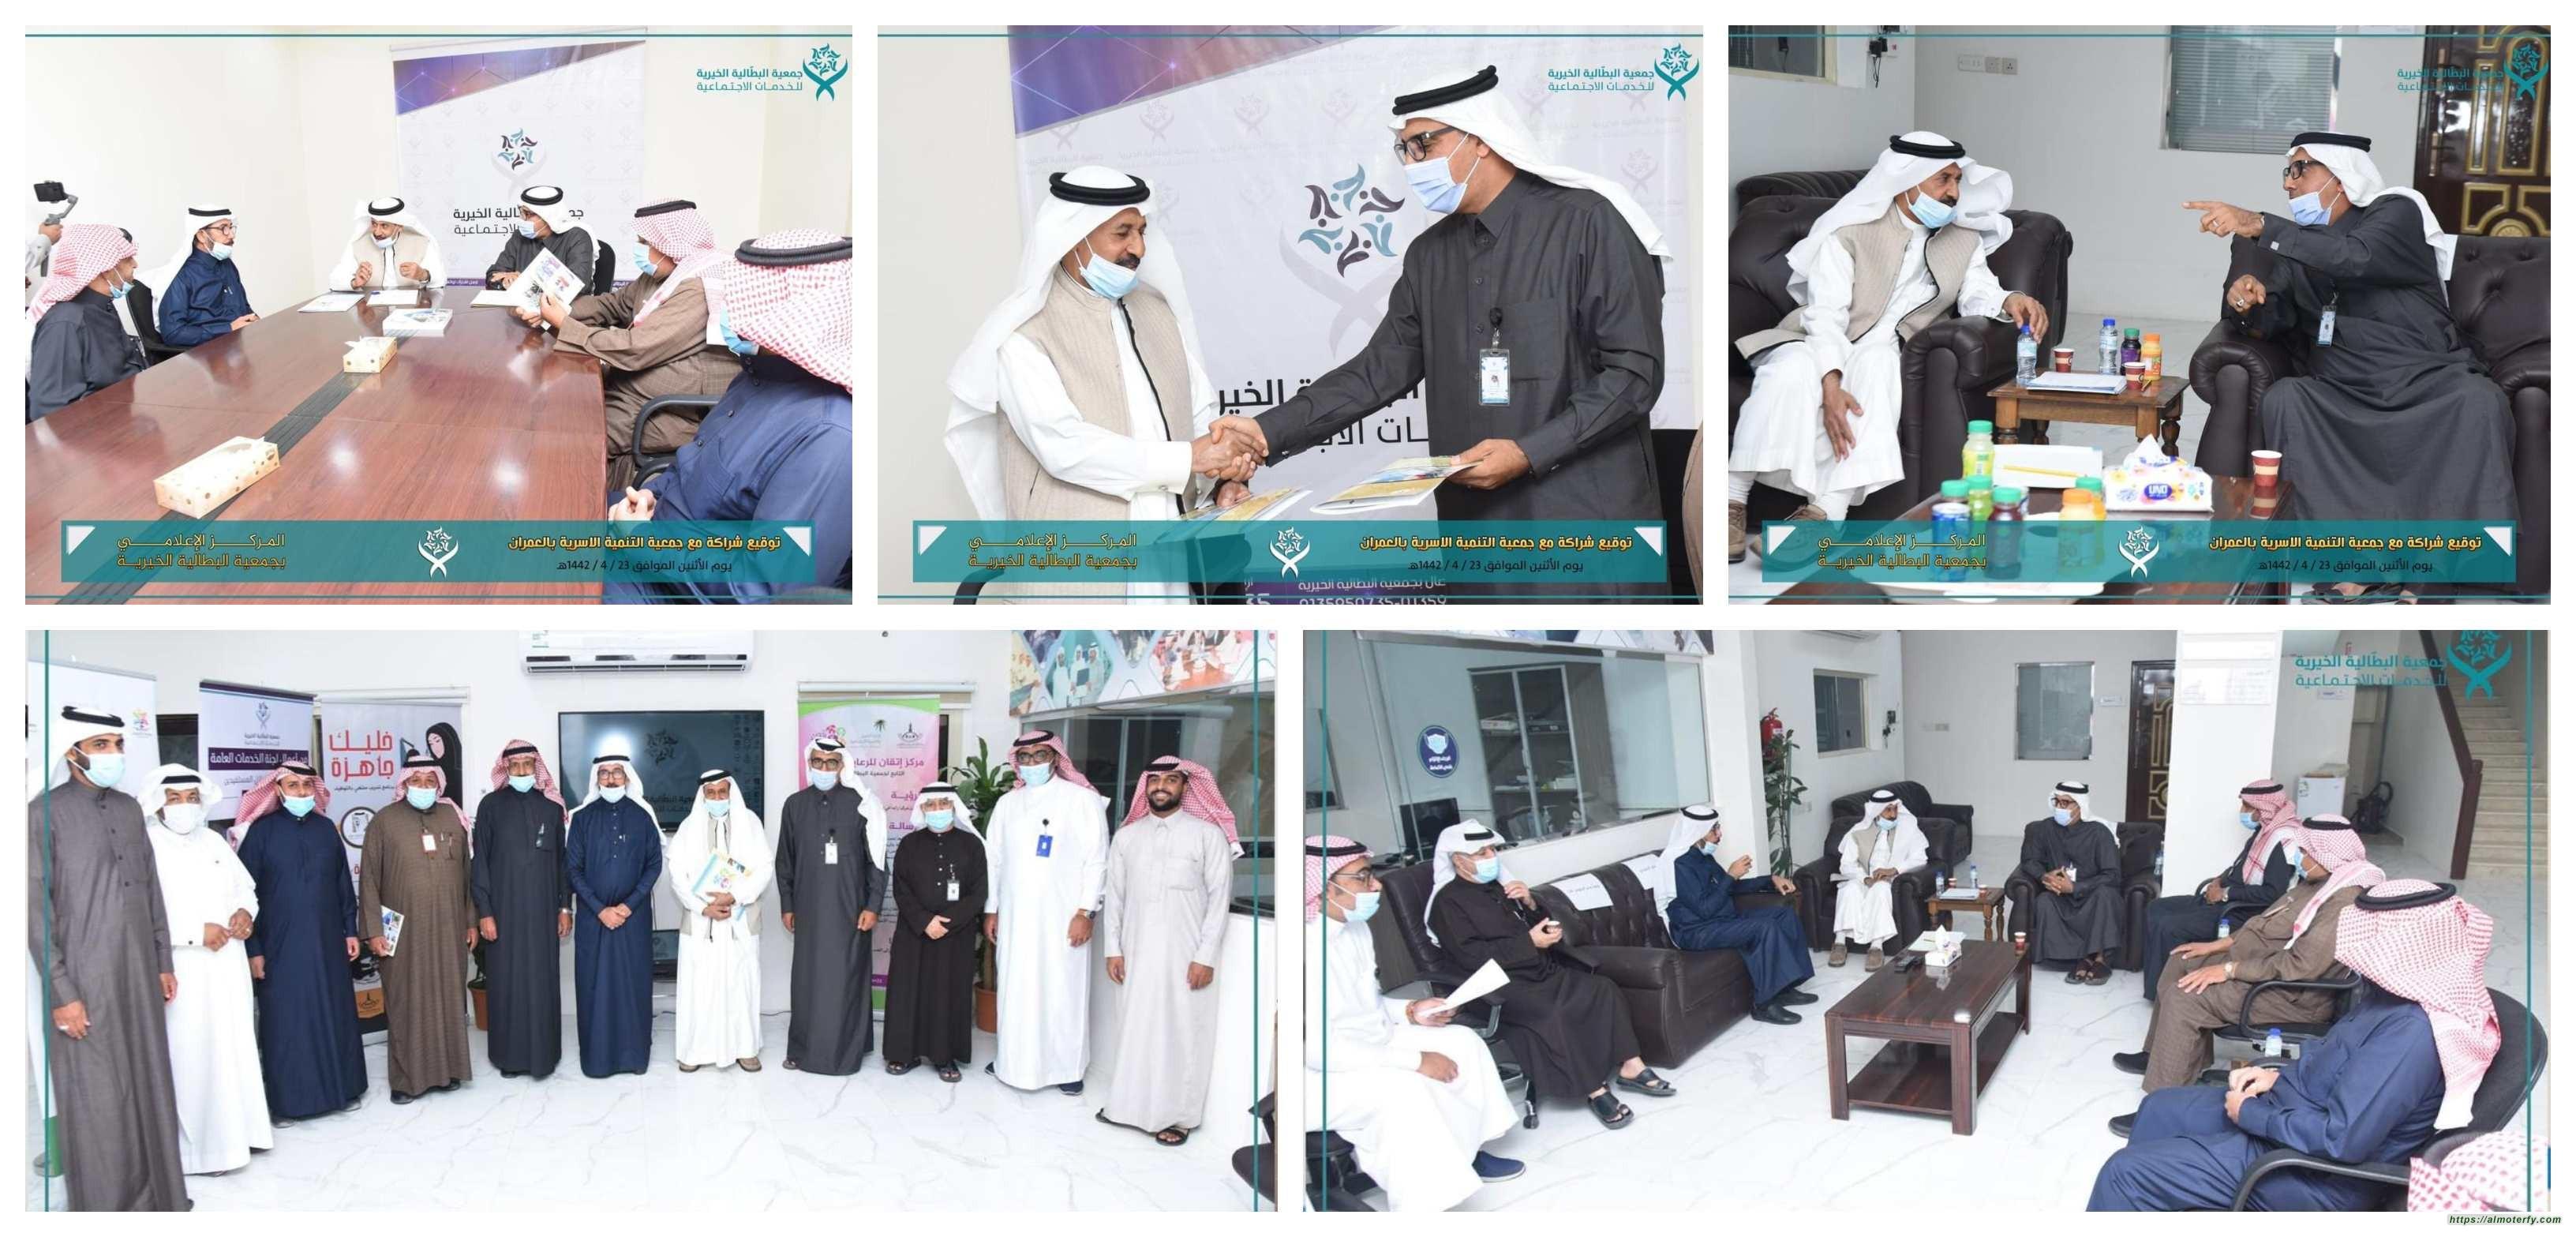 جمعية البطالية الخيرية بالاحساء توقع شراكة مع جمعية التنمية الأسرية ببلدة العمران